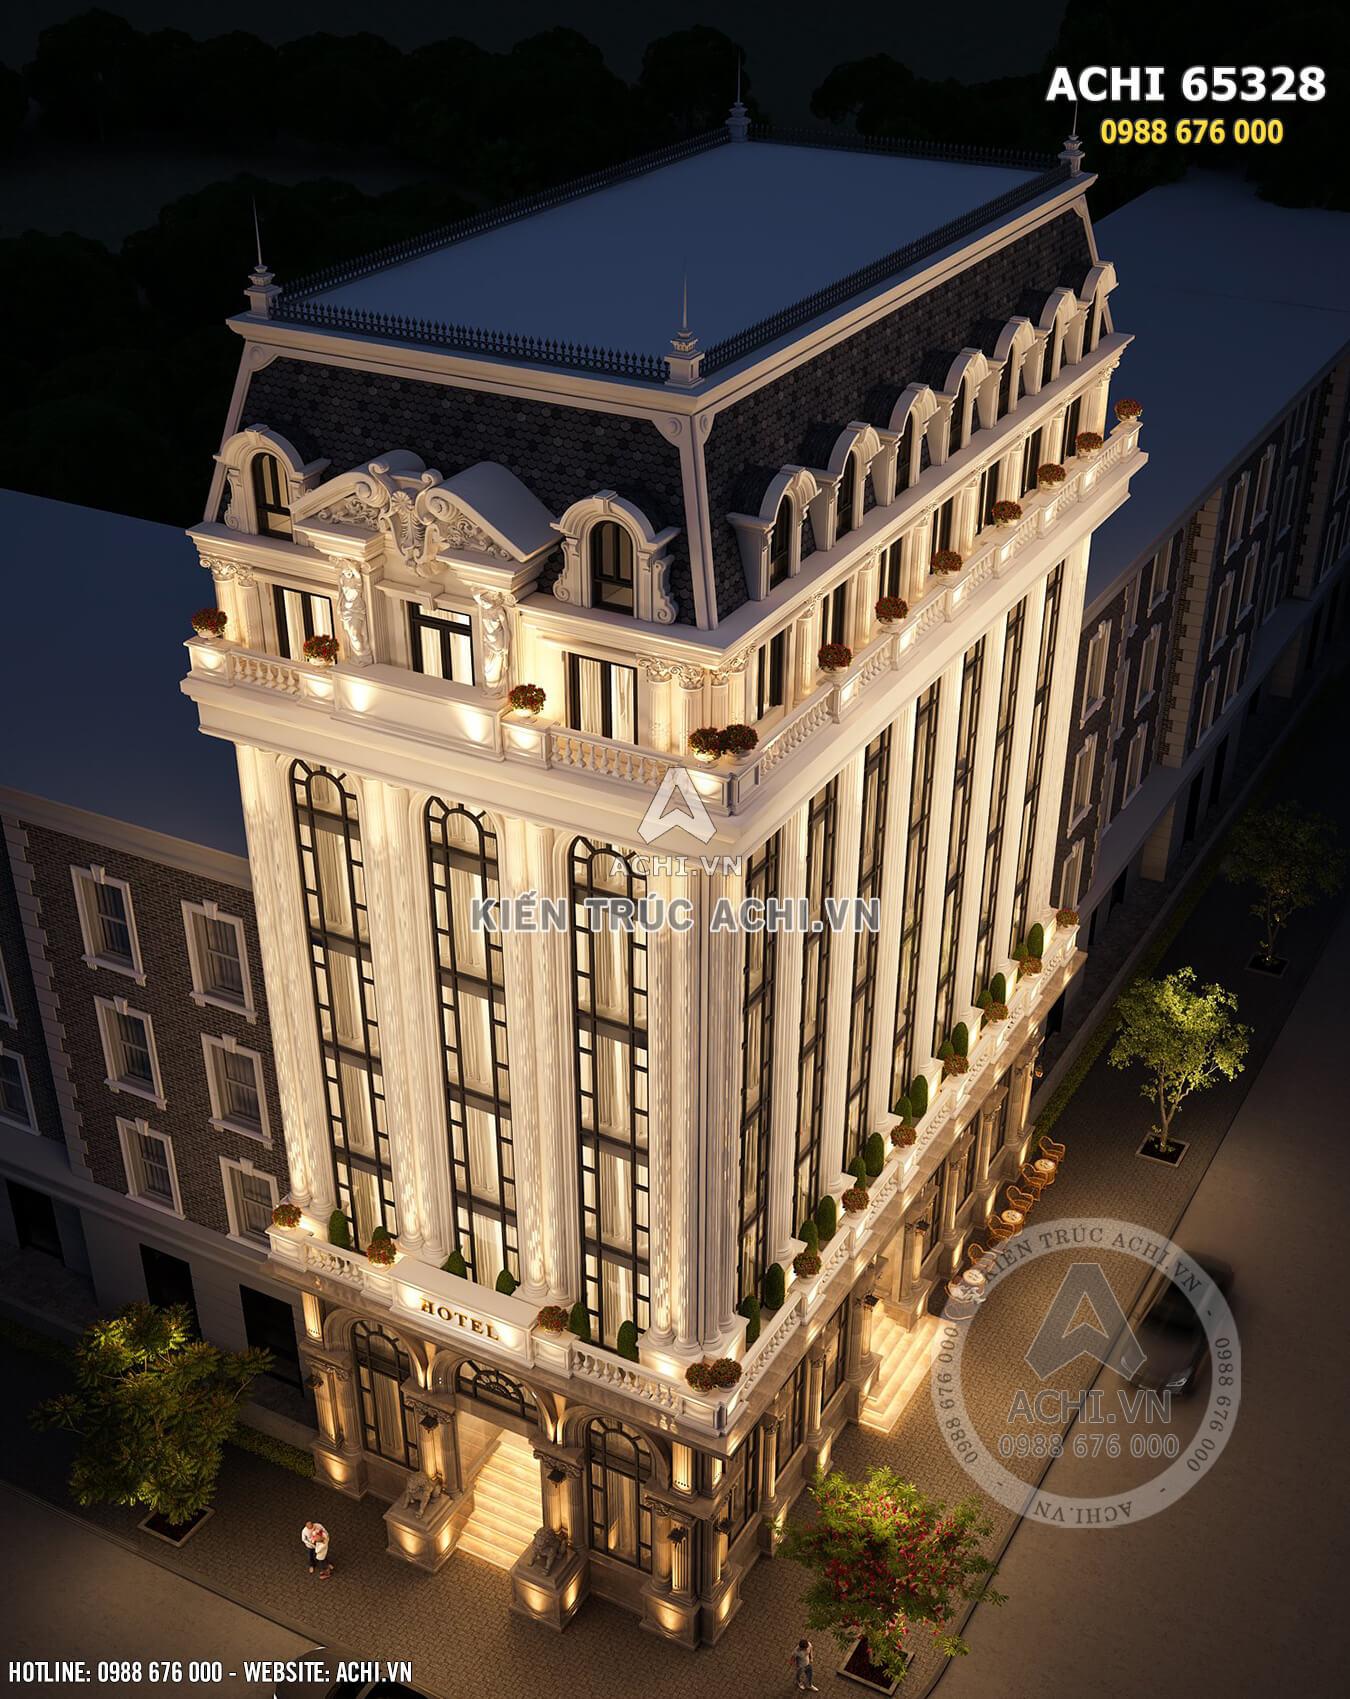 Hình ảnh: Góc nhìn toàn cảnh từ trên cao xuống của mẫu thiết kế khách sạn 5 sao